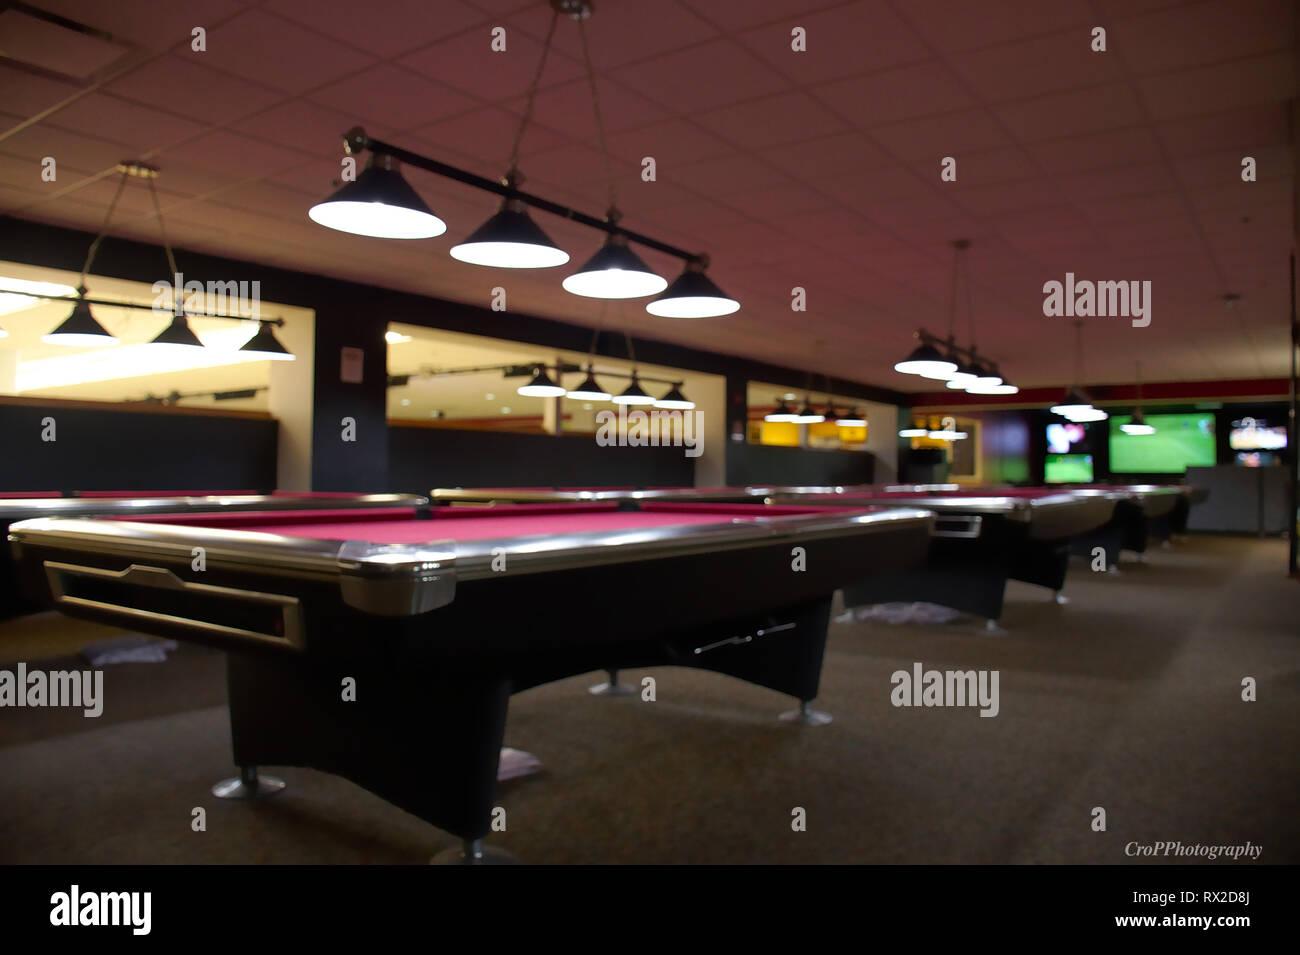 abbildung leere pool hall mit rotem filz stockbild